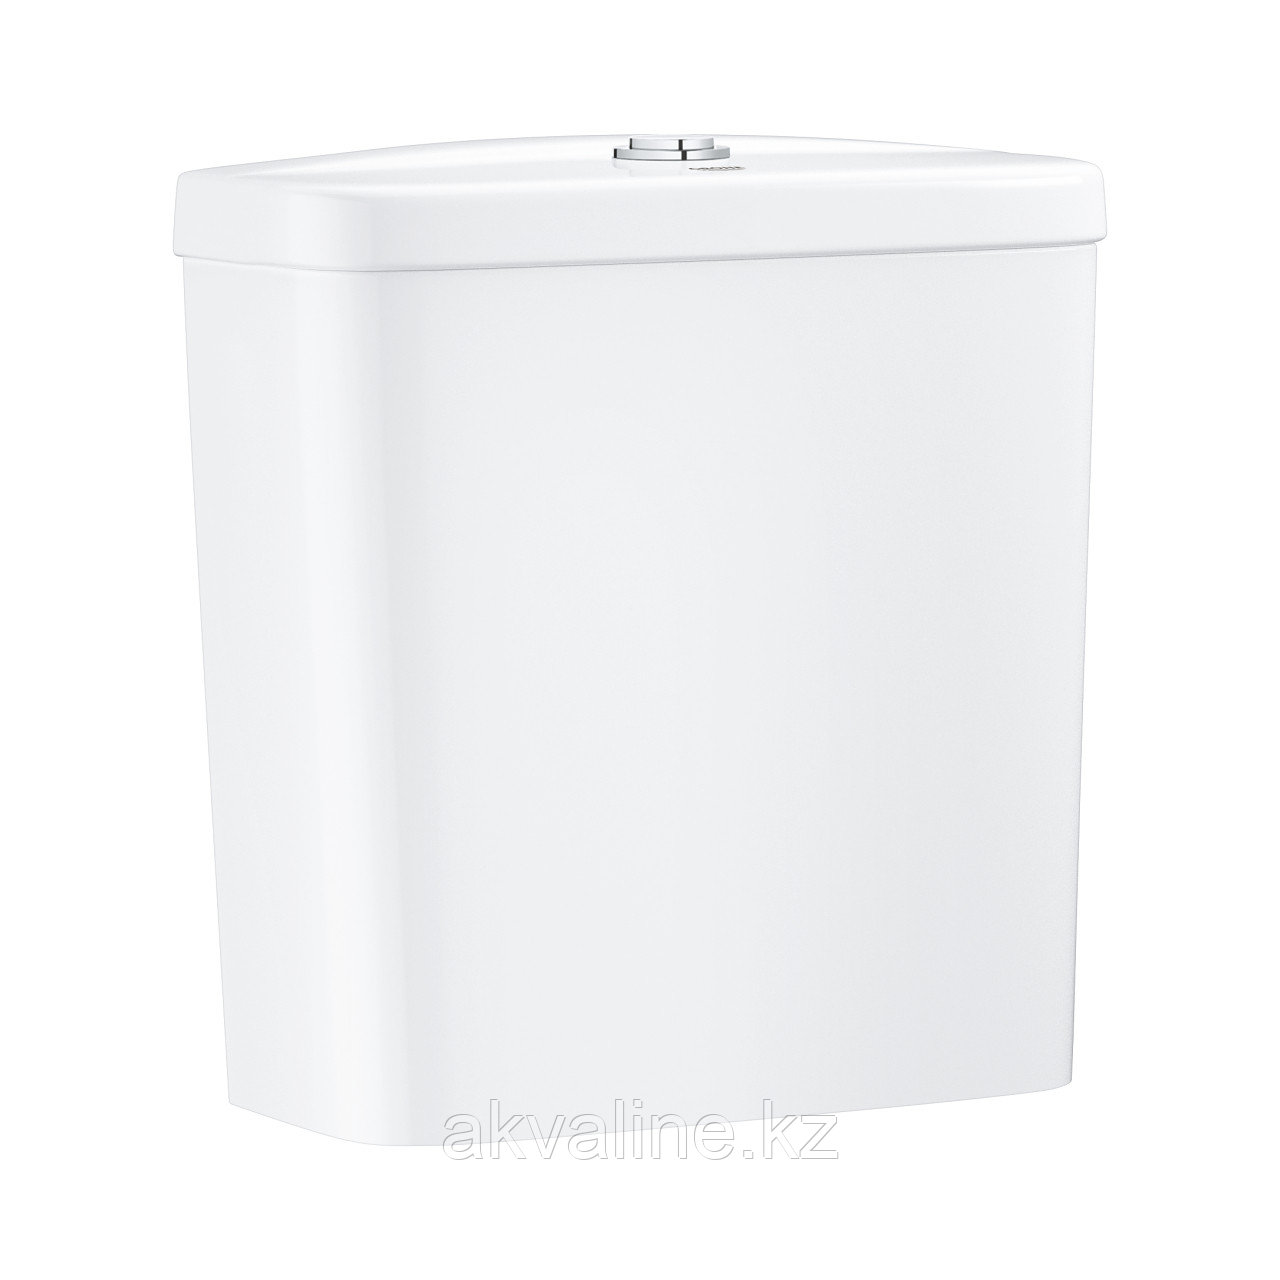 Grohe Bau Ceramic смывной бачок для унитаза 39436000